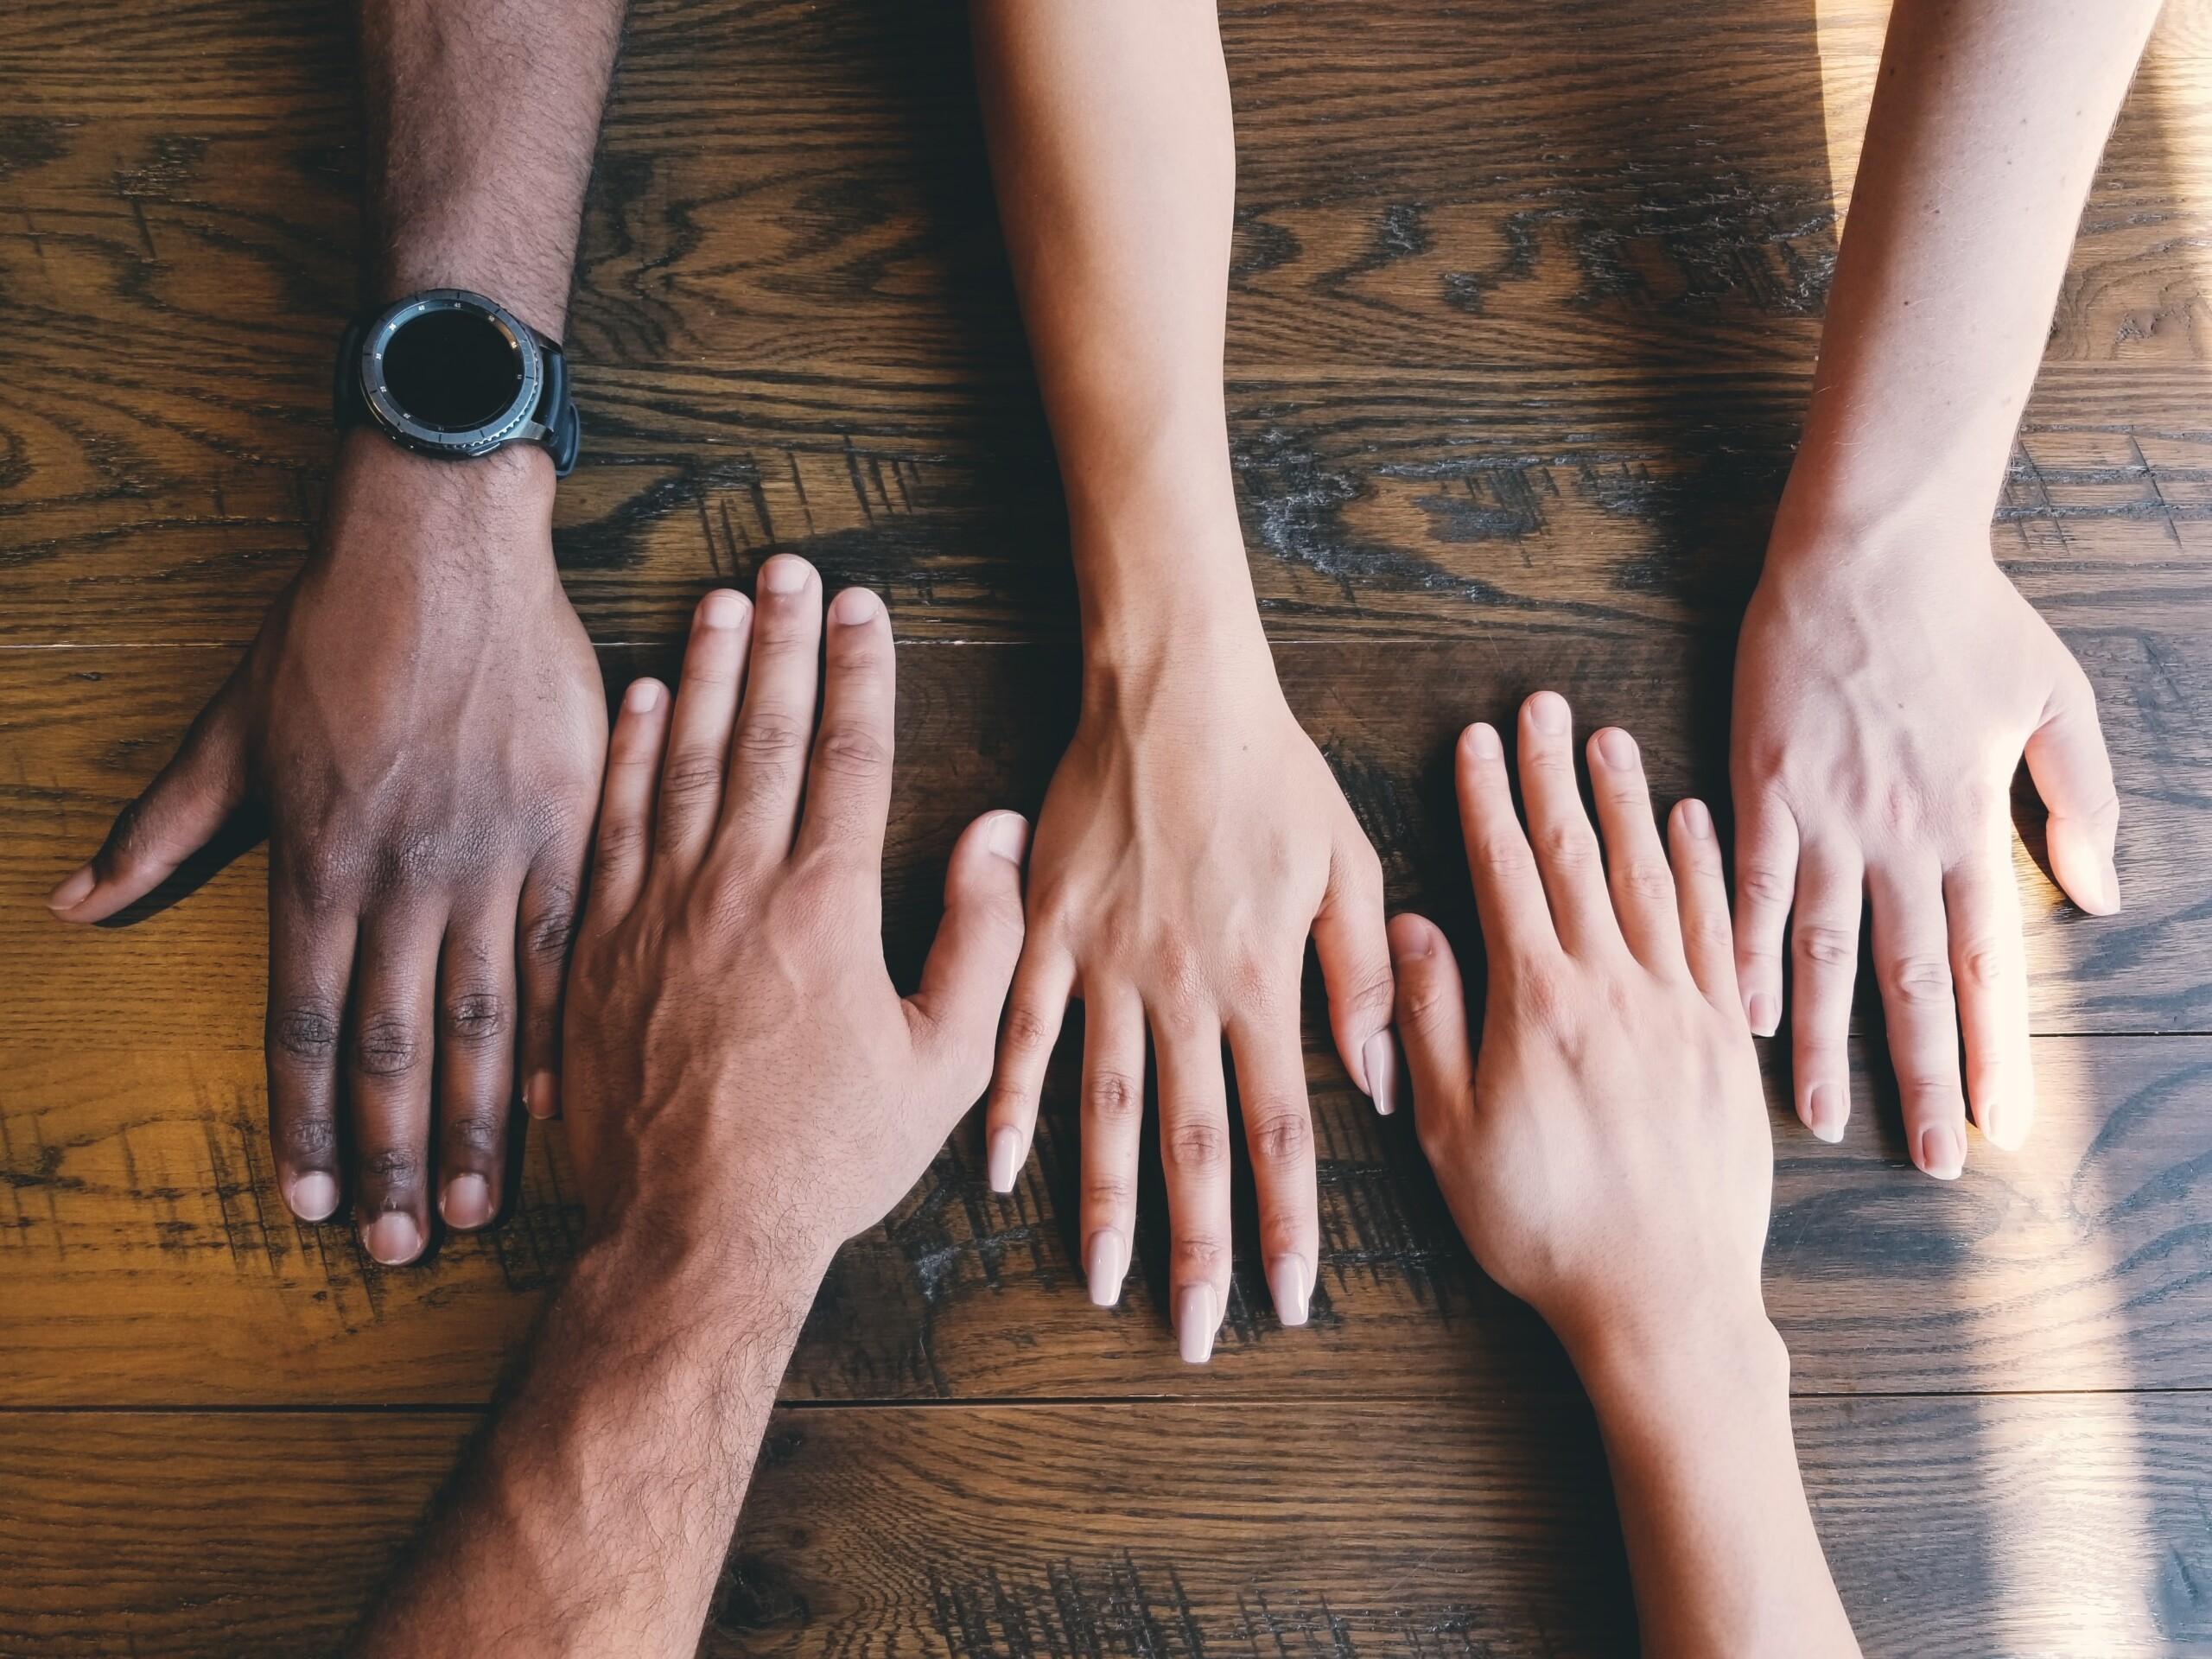 Understanding the Value of Diversity